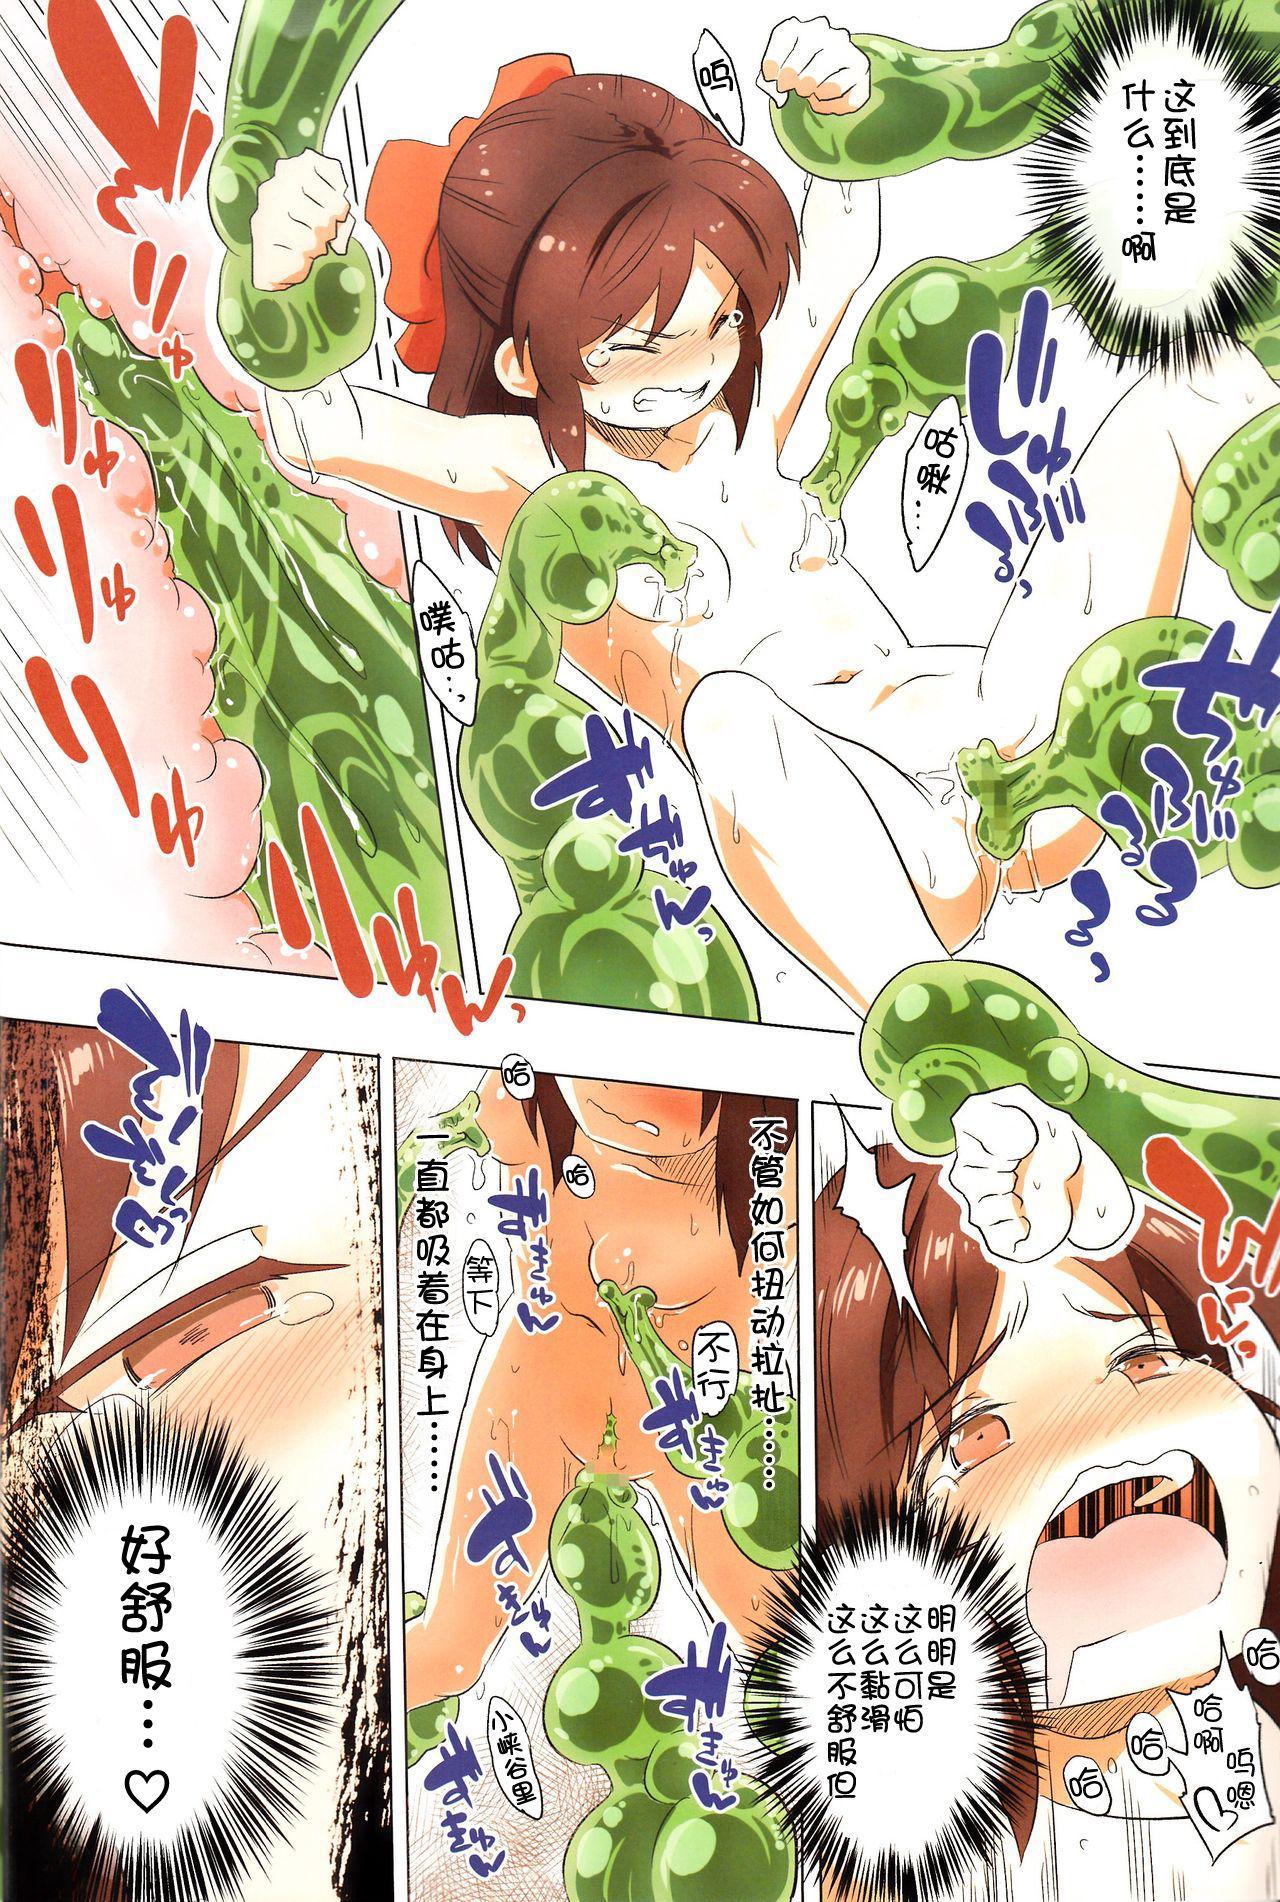 Jibun no Mihitotsu de Isekai ni Teni shita Onnanoko no Hanashi 5